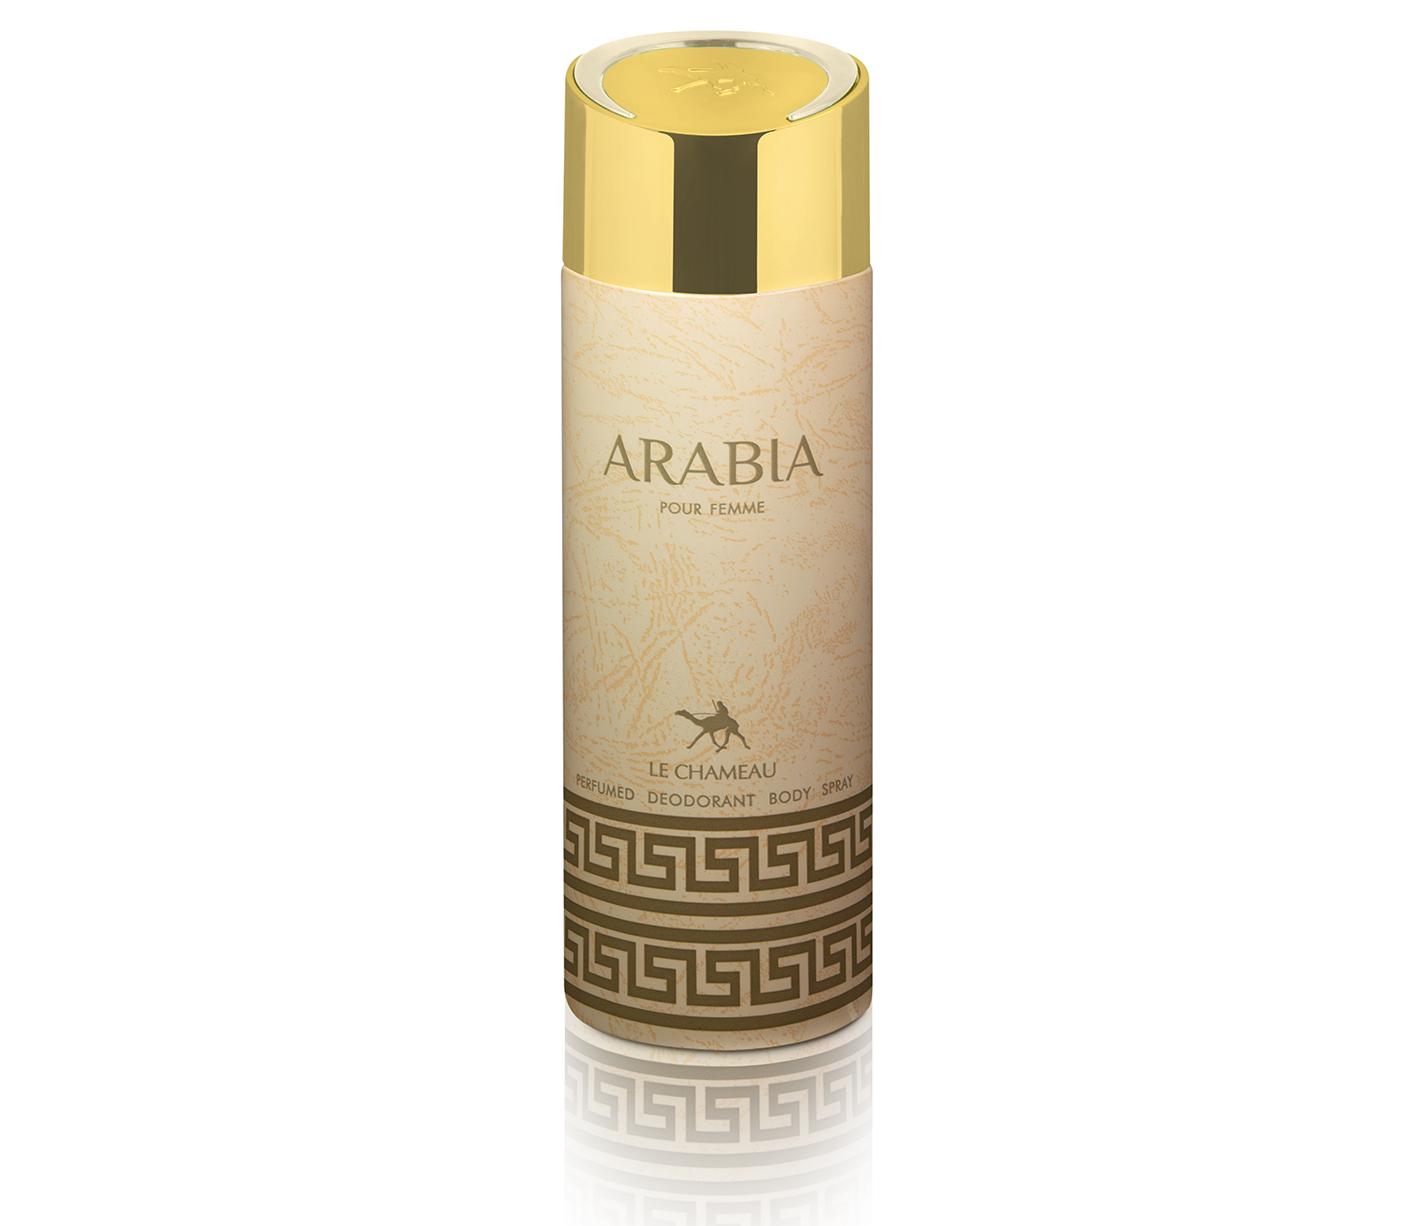 ARABIA FEMME DEO Body Spray